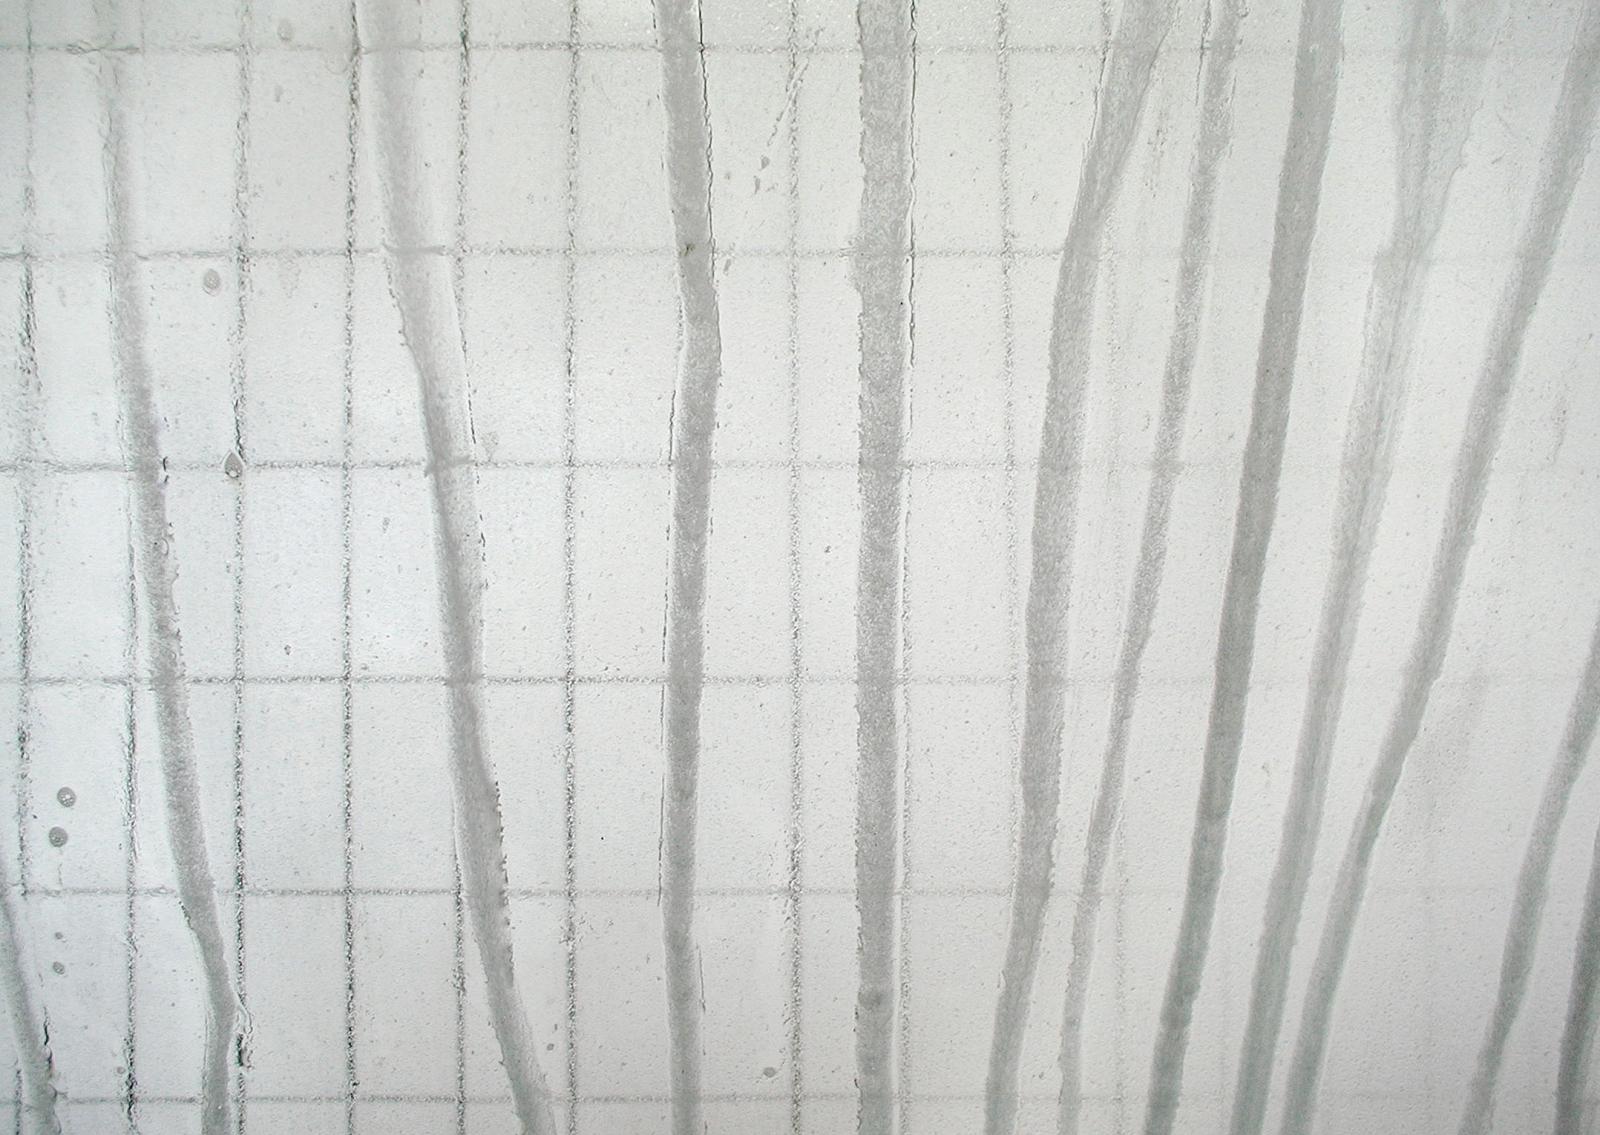 JÖRG SASSE, 2439, 2001